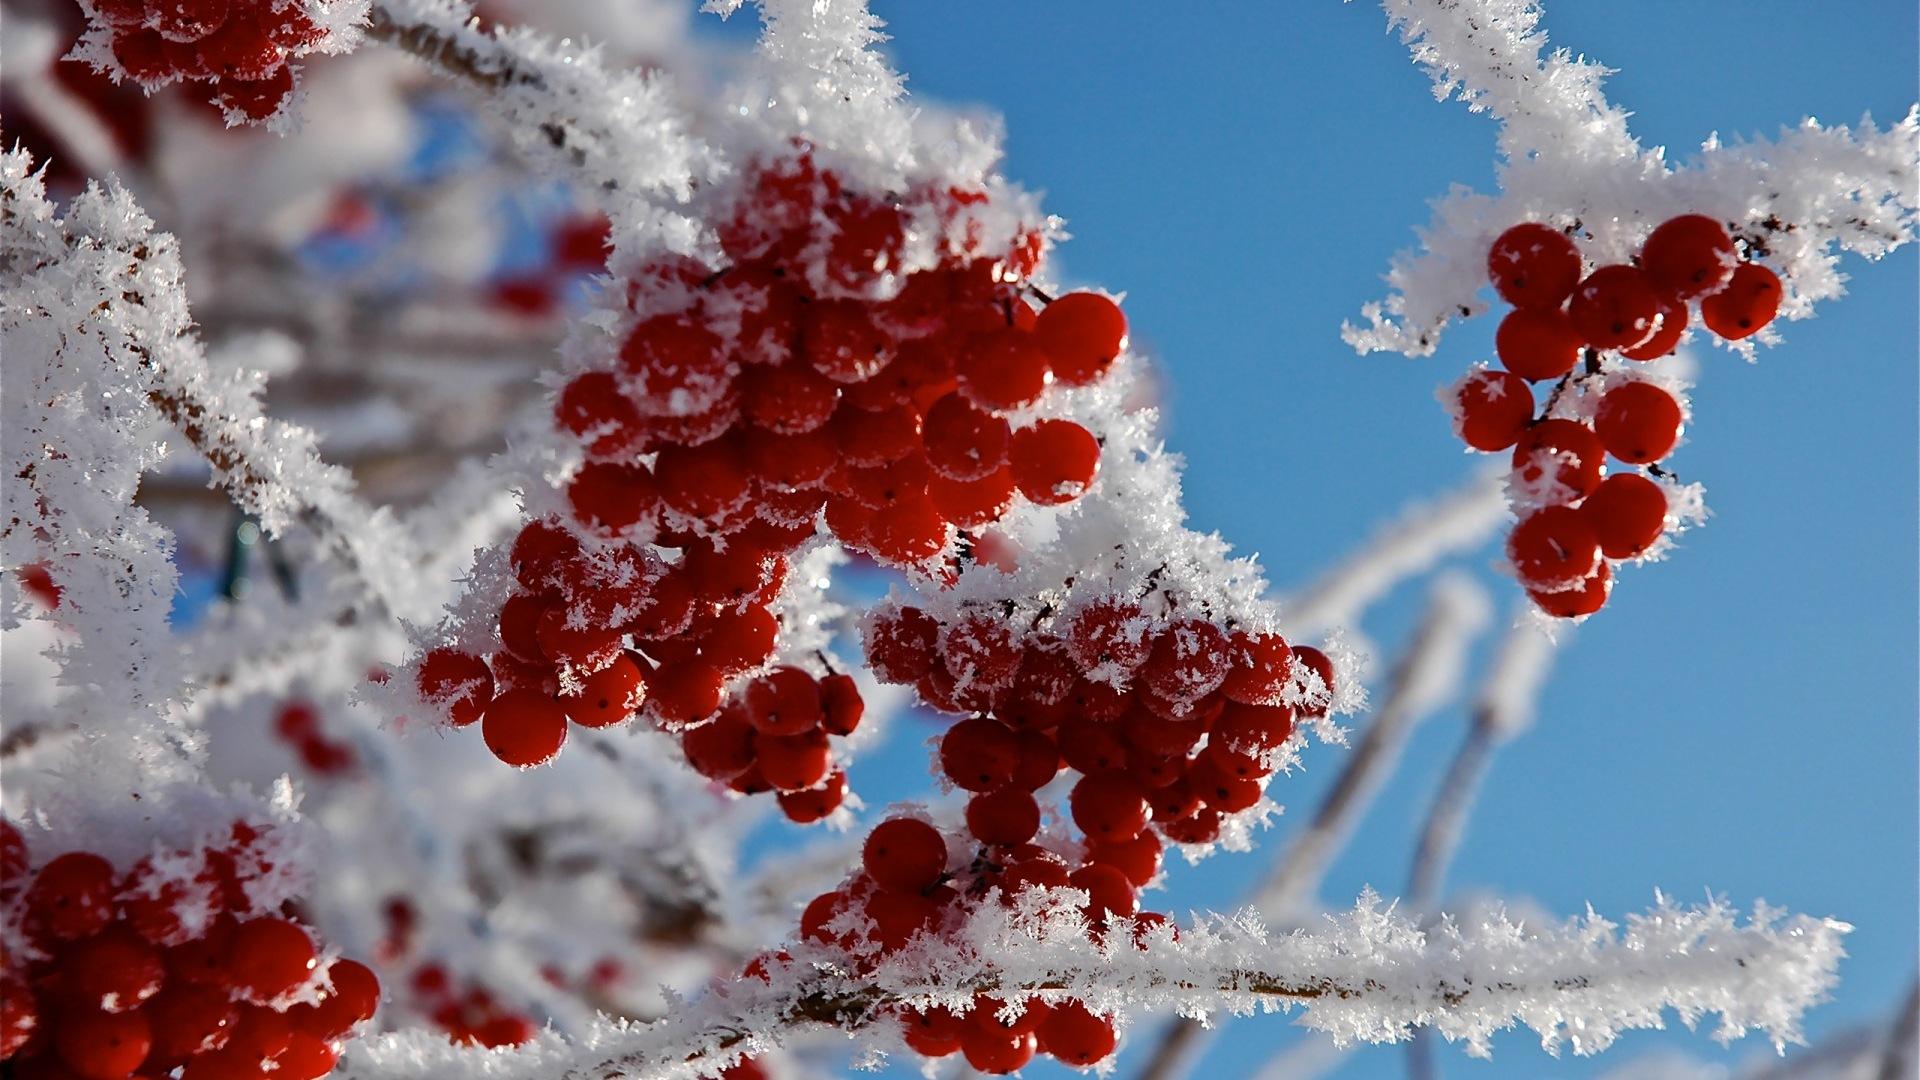 Baies d 39 hiver fonds d 39 cran hd gel de neige 14 for Fond ecran hiver hd